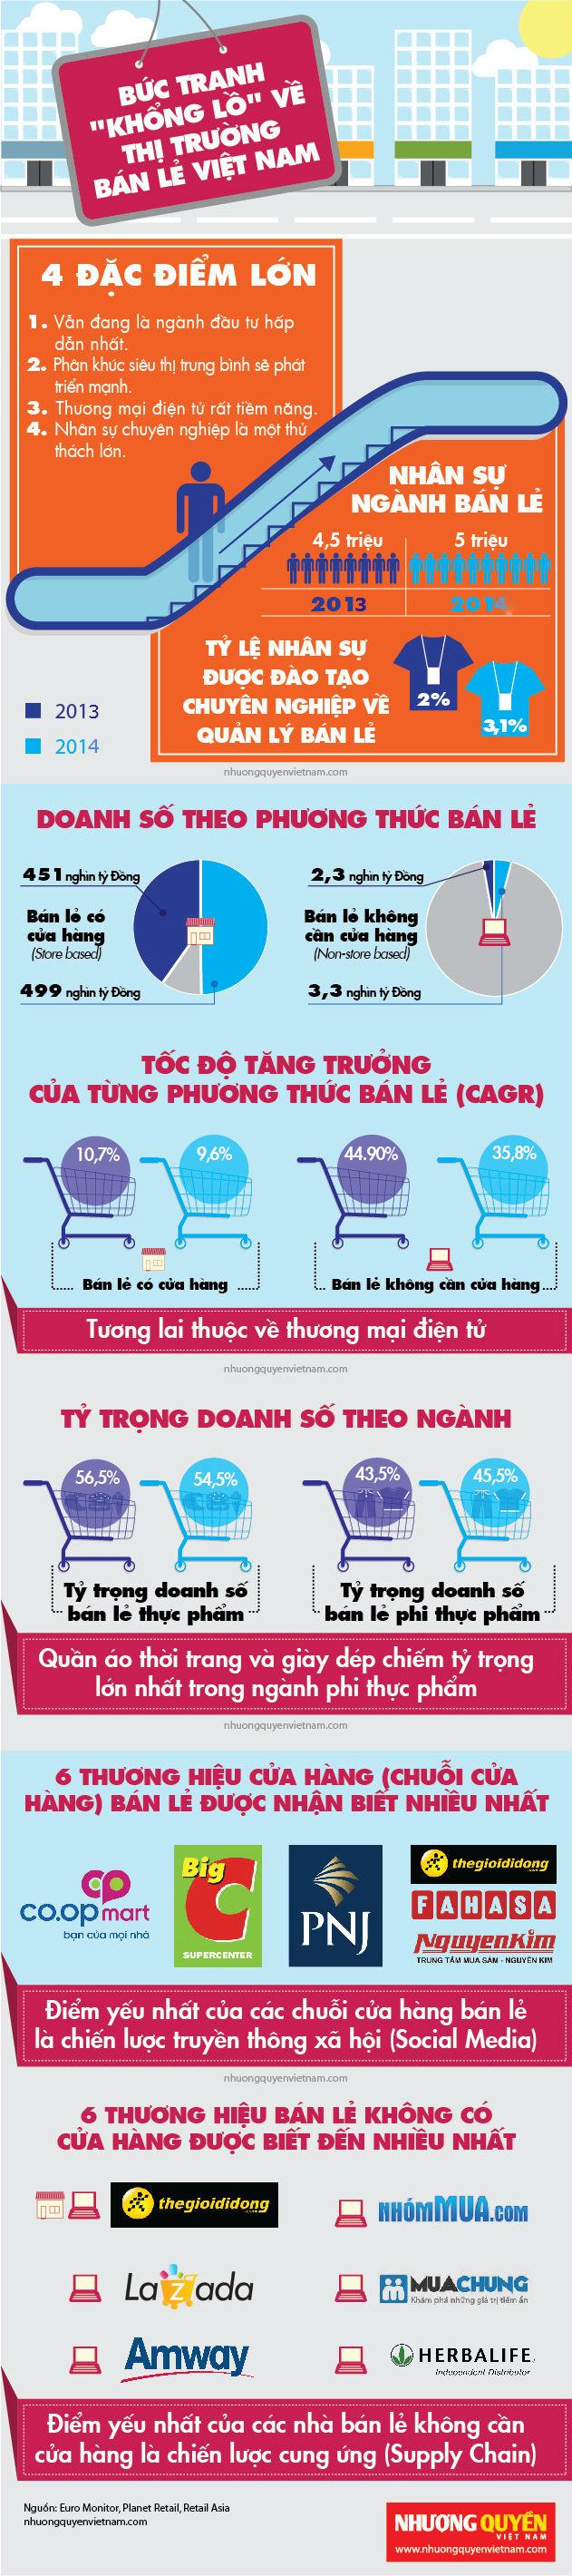 Bức tranh 'khổng lồ' về quy mô thị trường bán lẻ Việt Nam